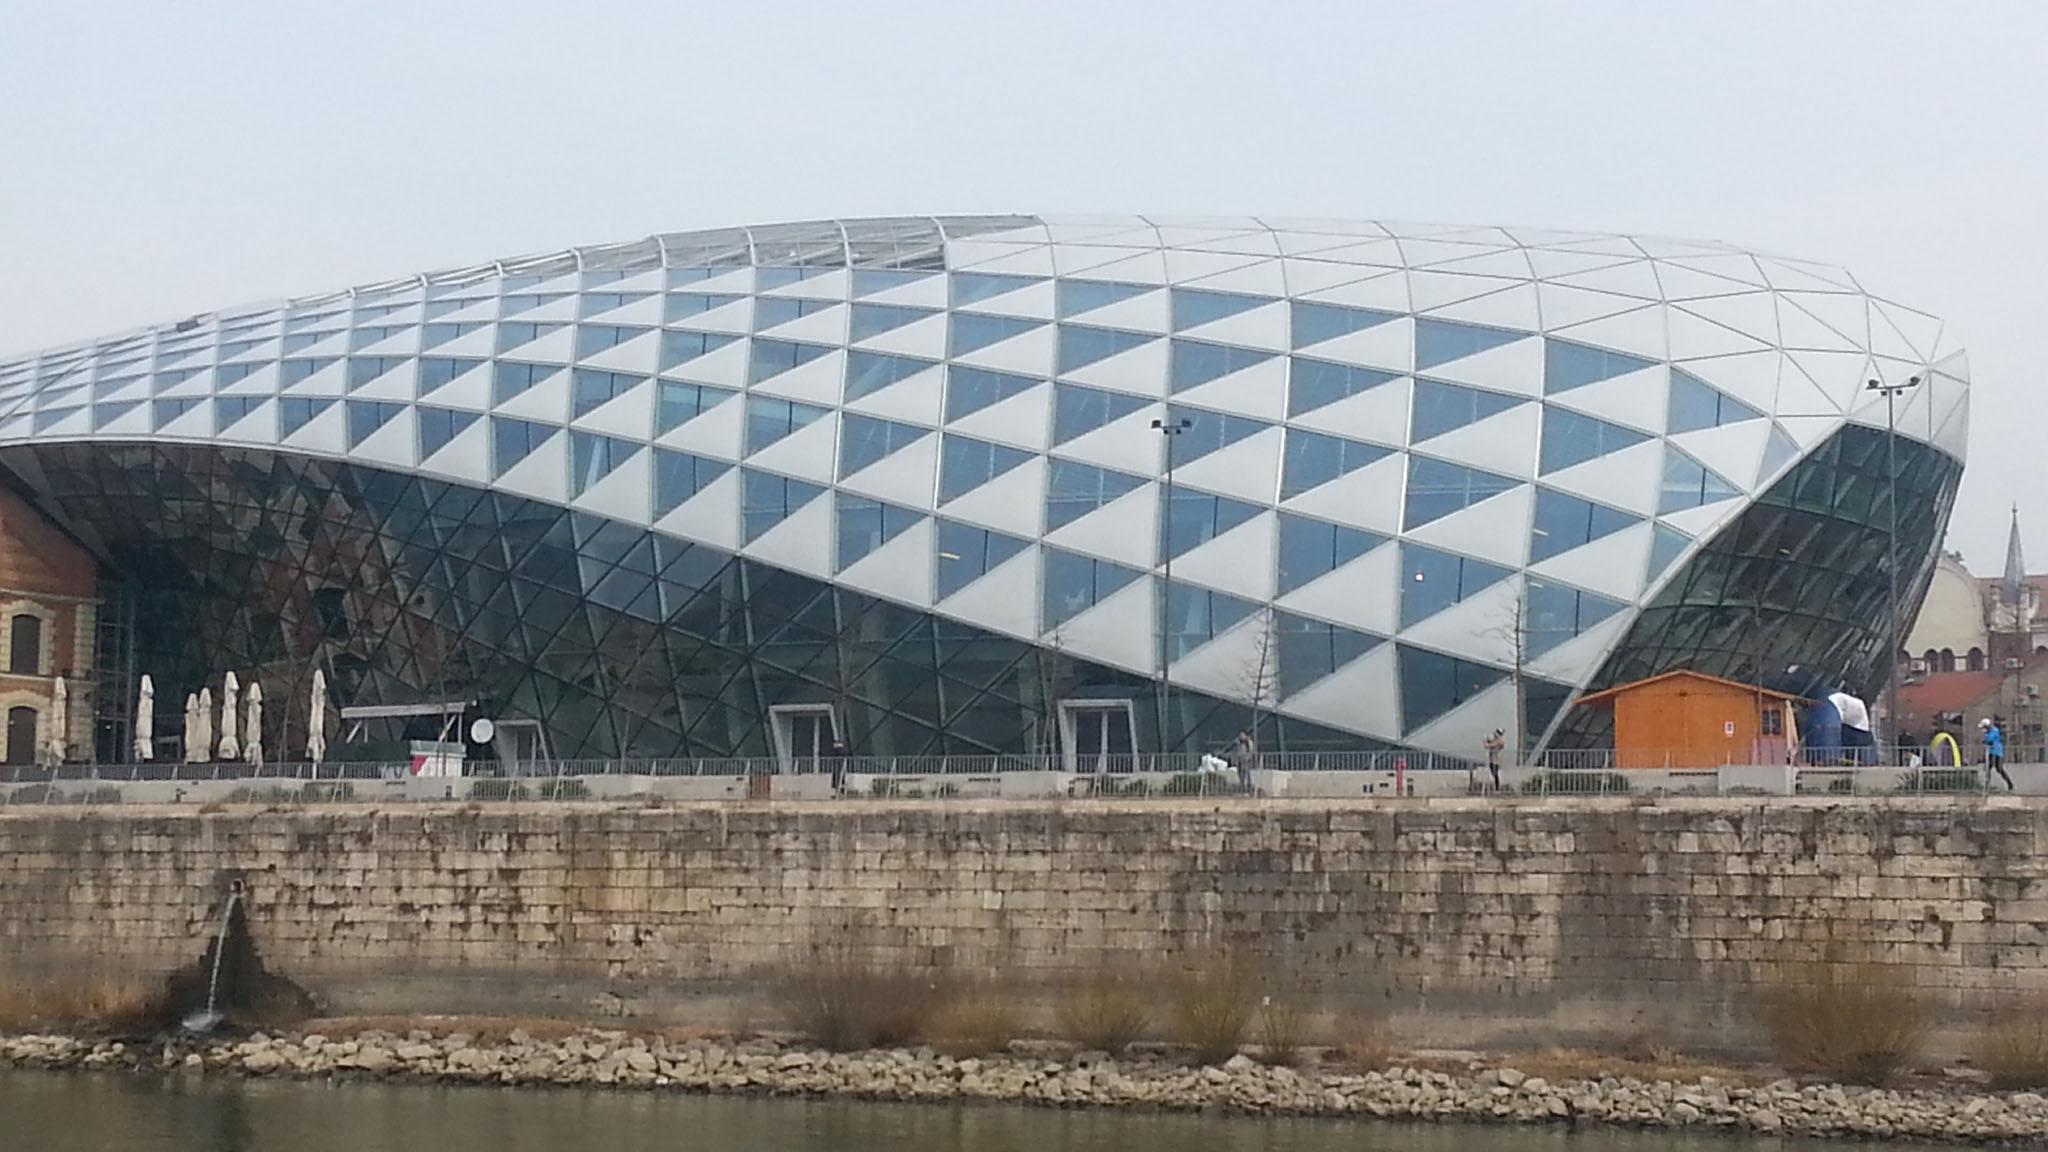 Neues Dach bei einem Einkaufszentrum